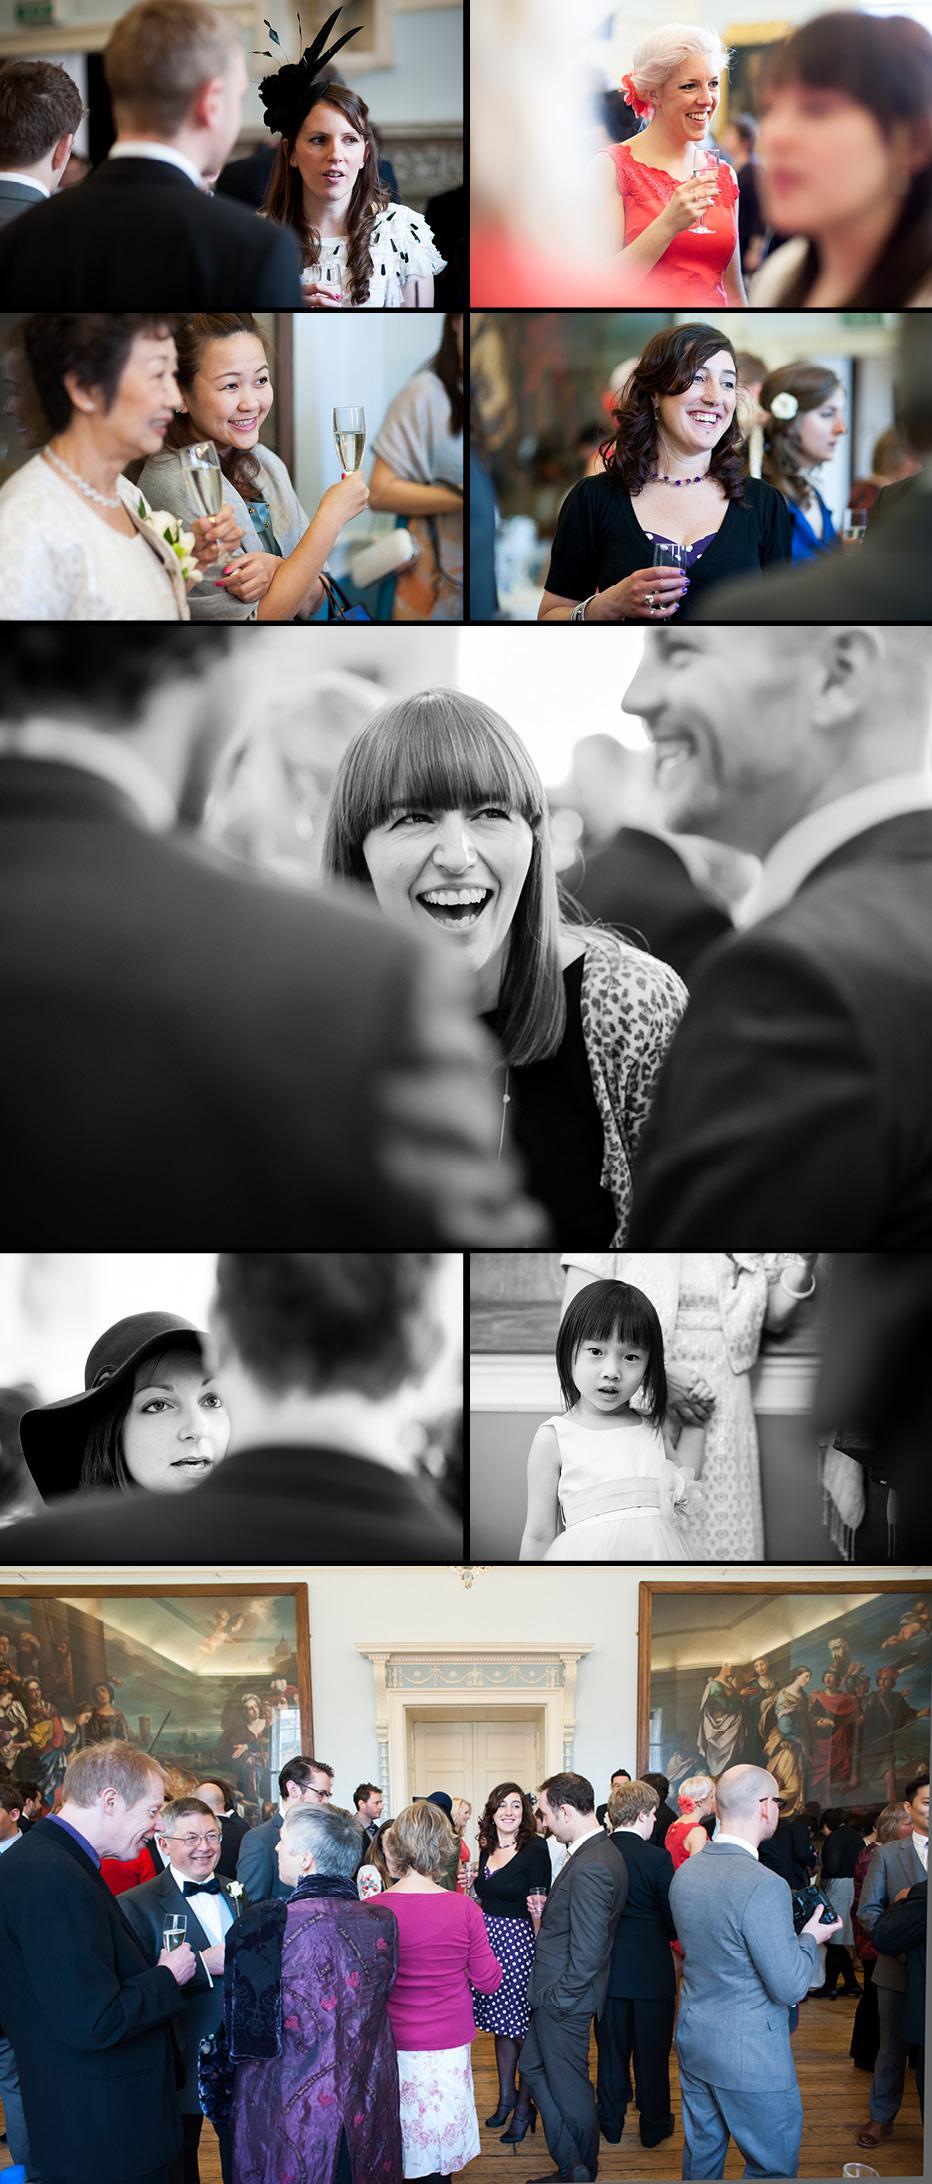 wedding reception at Bath Guildhall